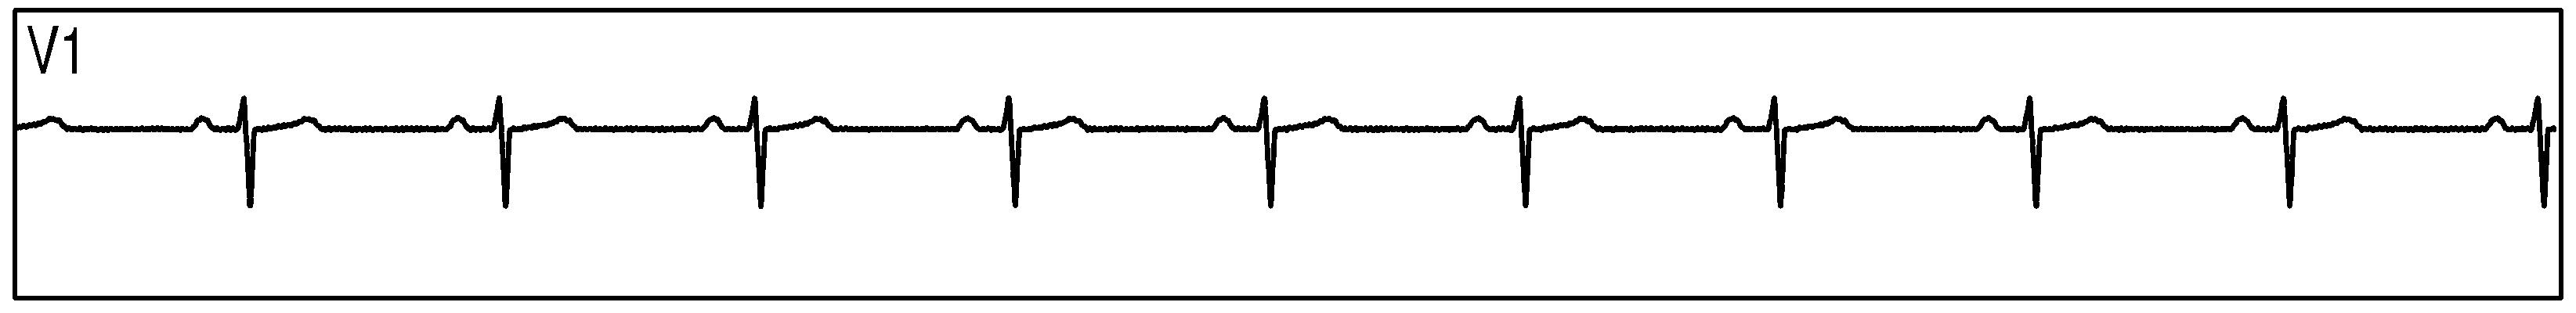 analog front end of ecg Design and implementation of an ecg front end circuit 45 ecg analog front end noise floor 67 xiii 46 crosstalk between channels.